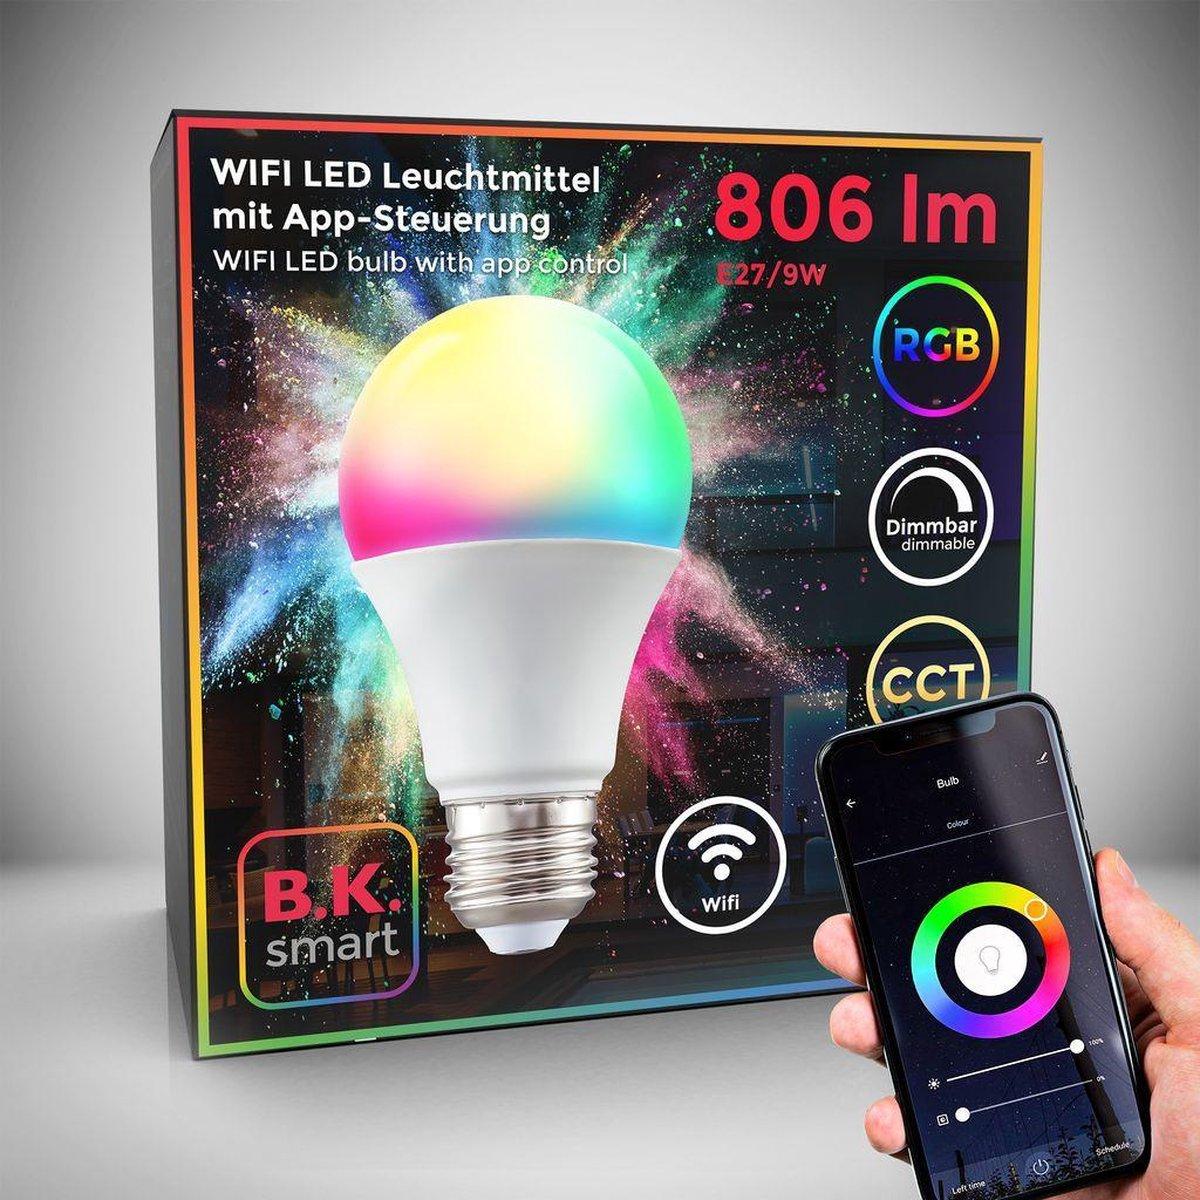 B.K.Licht - Slimme Lichtbron - RGB en CCT - smart lamp - met E27 - 9W LED - WiFi - App - 2.700K to 6.500K - 806 Lm - voice control - color lampjes - LED lamp